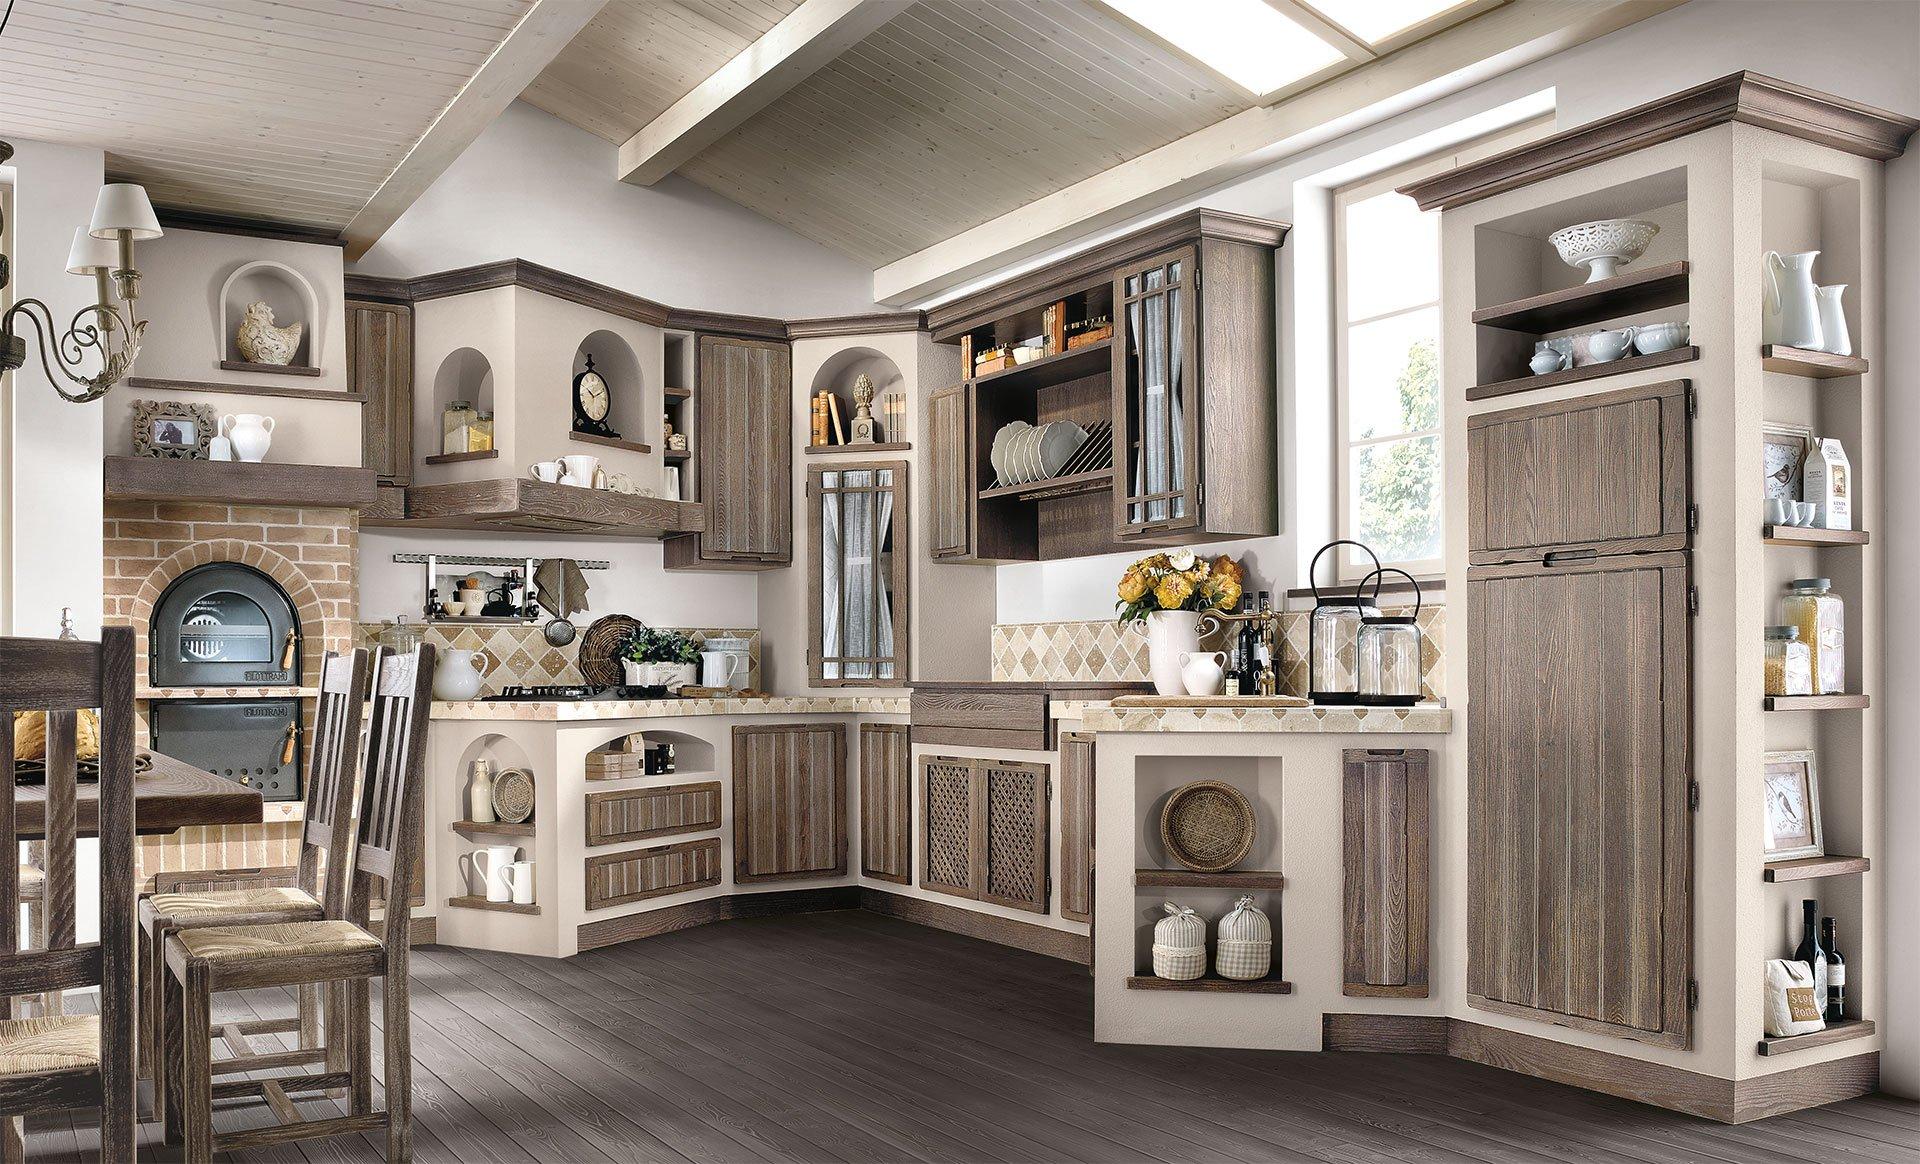 Cucina elena lube creo store corsico viale italia 22 - In cucina con elena ...